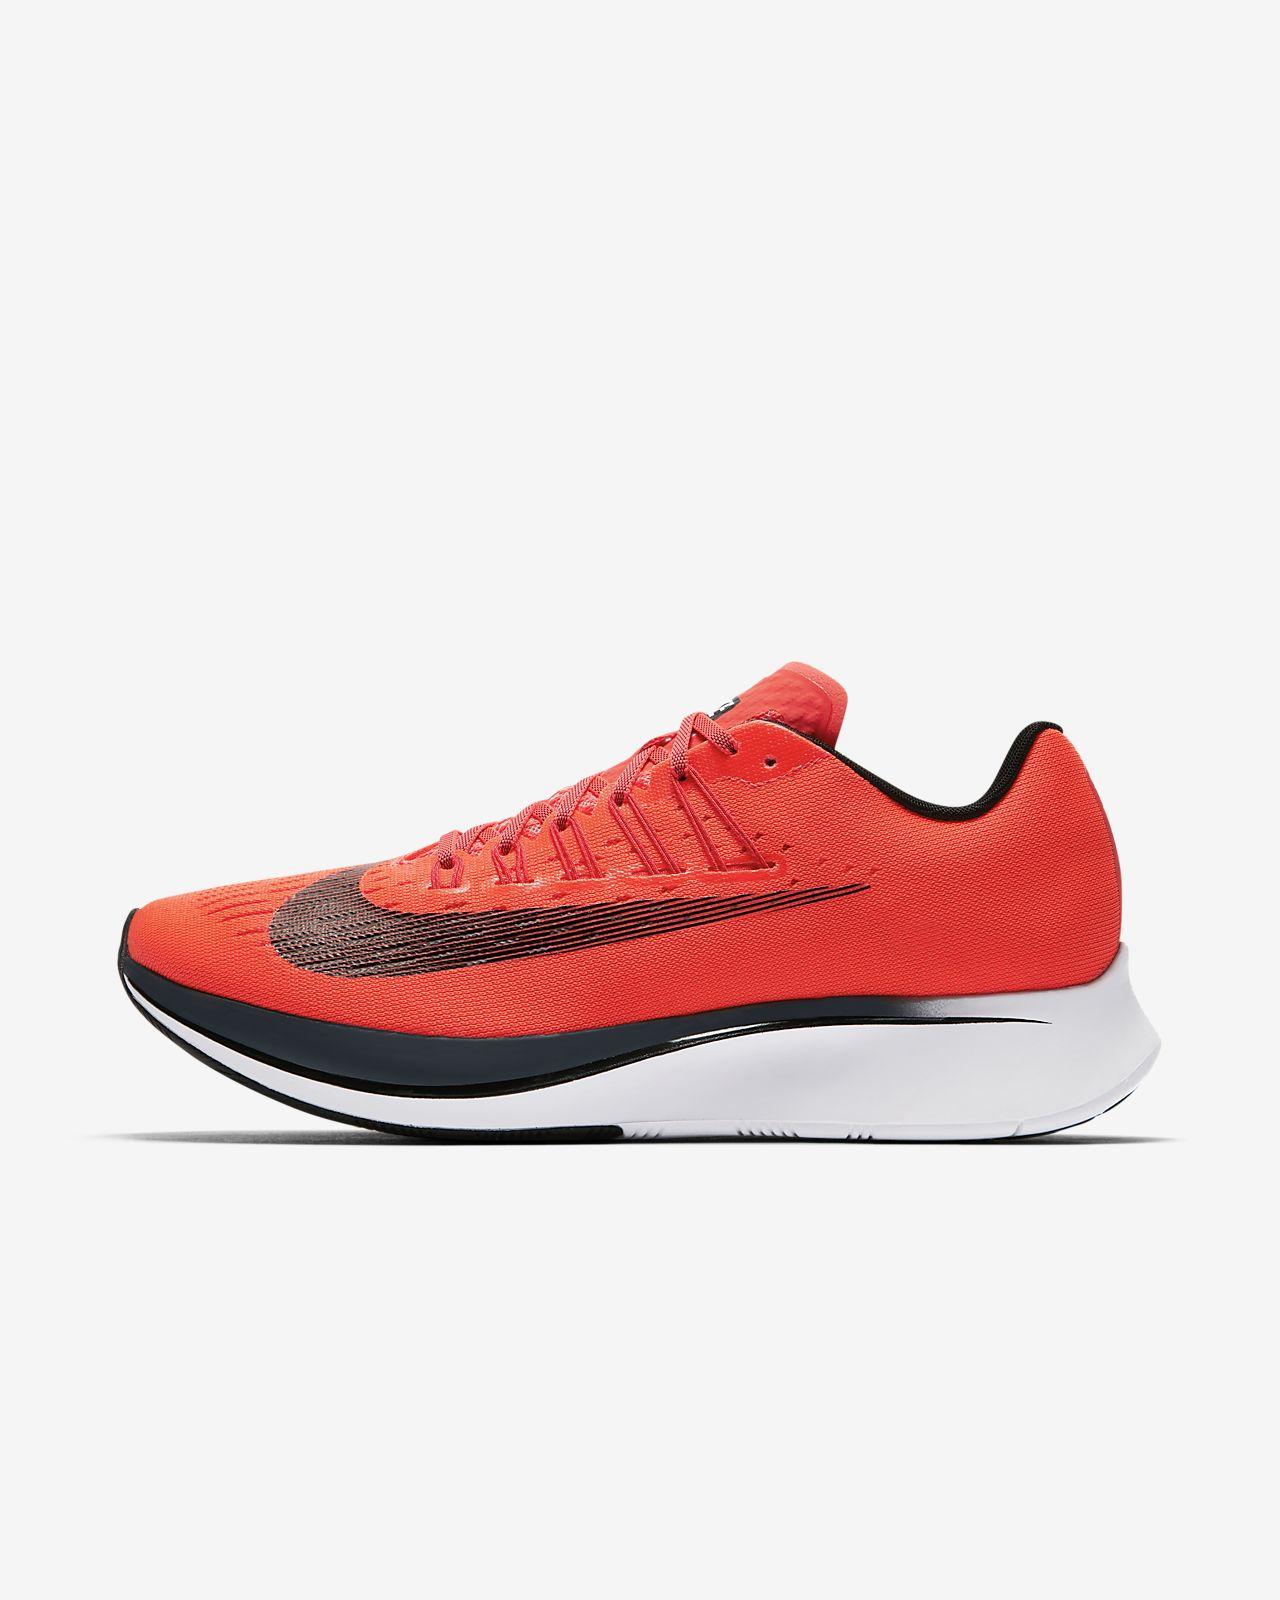 Nike Zoom Fly Erkek Koşu Ayakkabısı